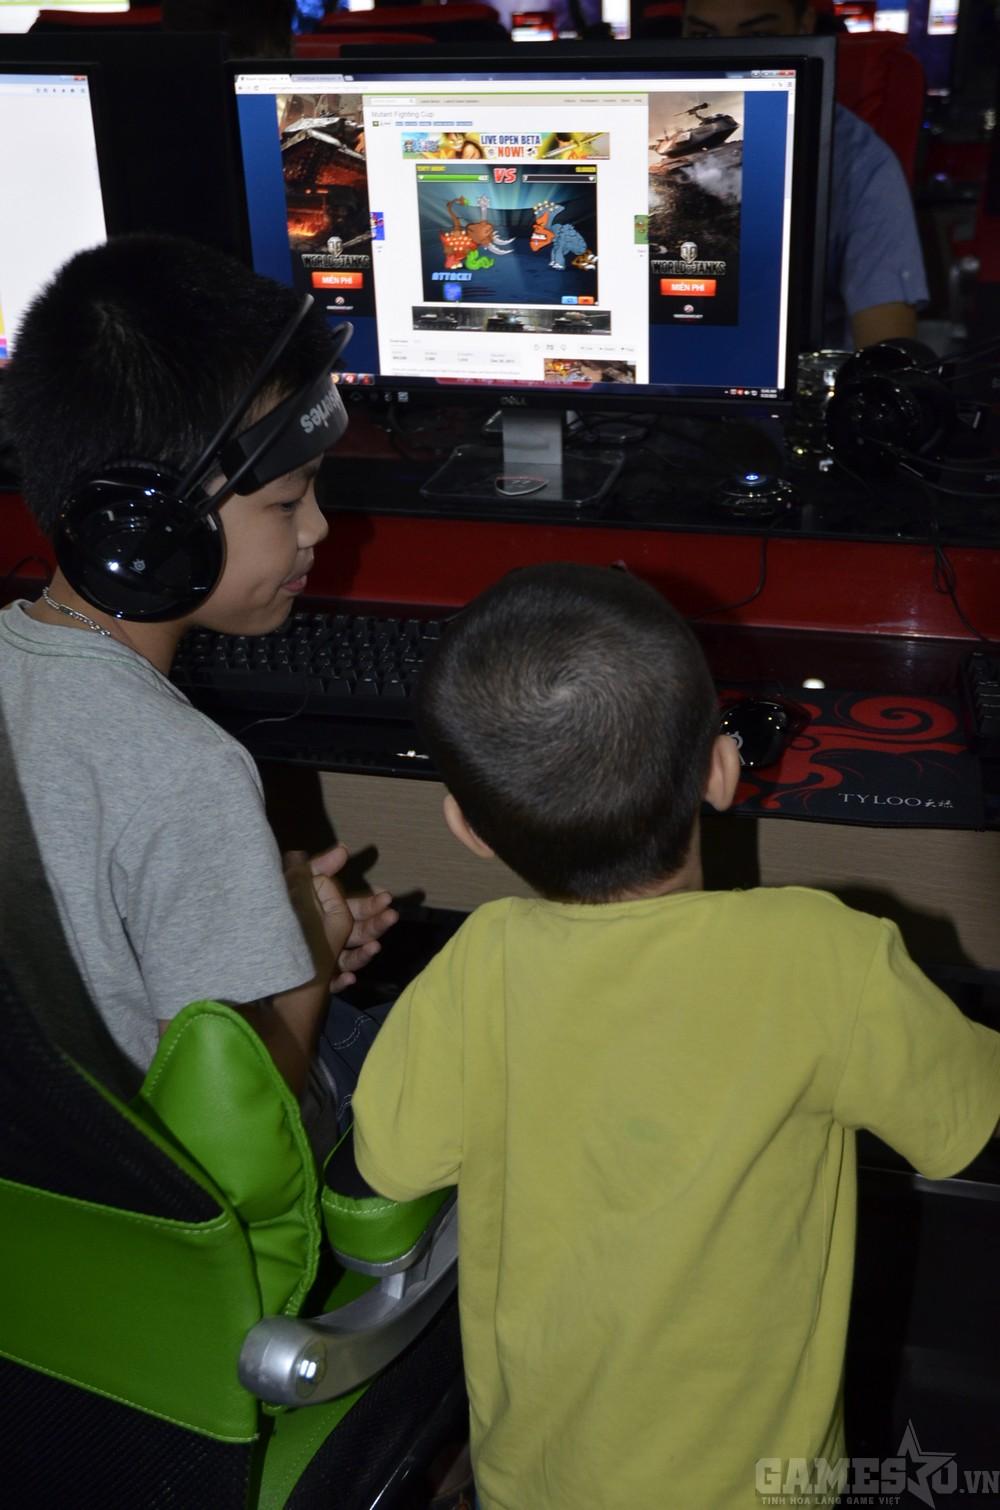 Game thủ nhí cũng được chơi những trò chơi phù hợp với lứa tuổi